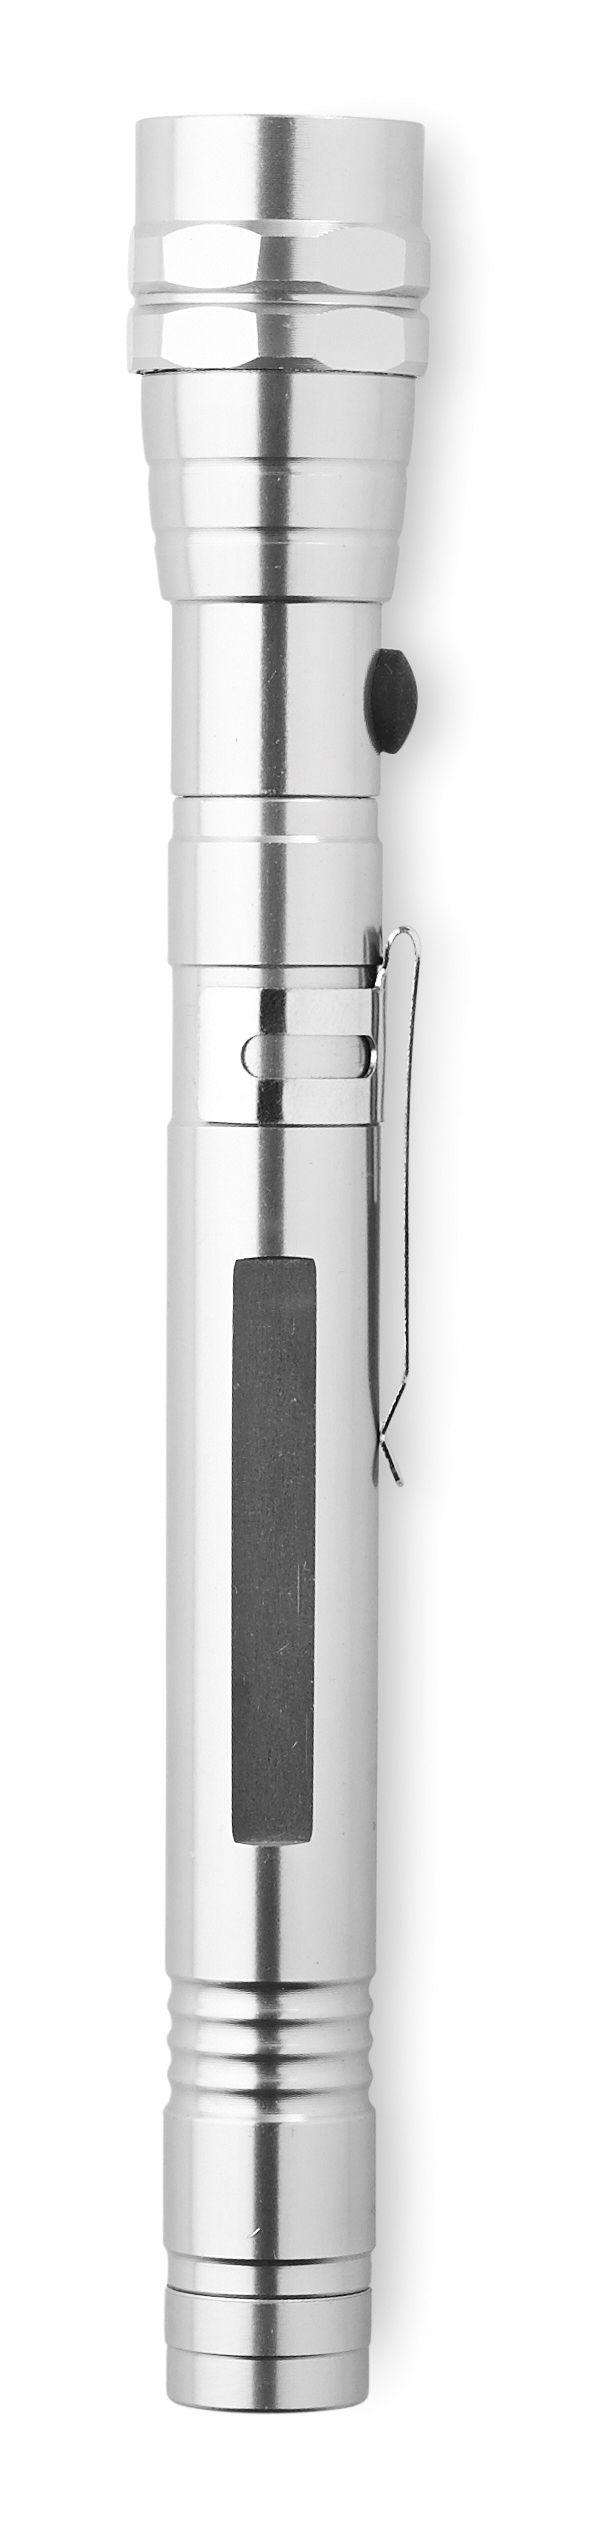 Lampe torche publicitaire Strech - lampe torche personnalisable